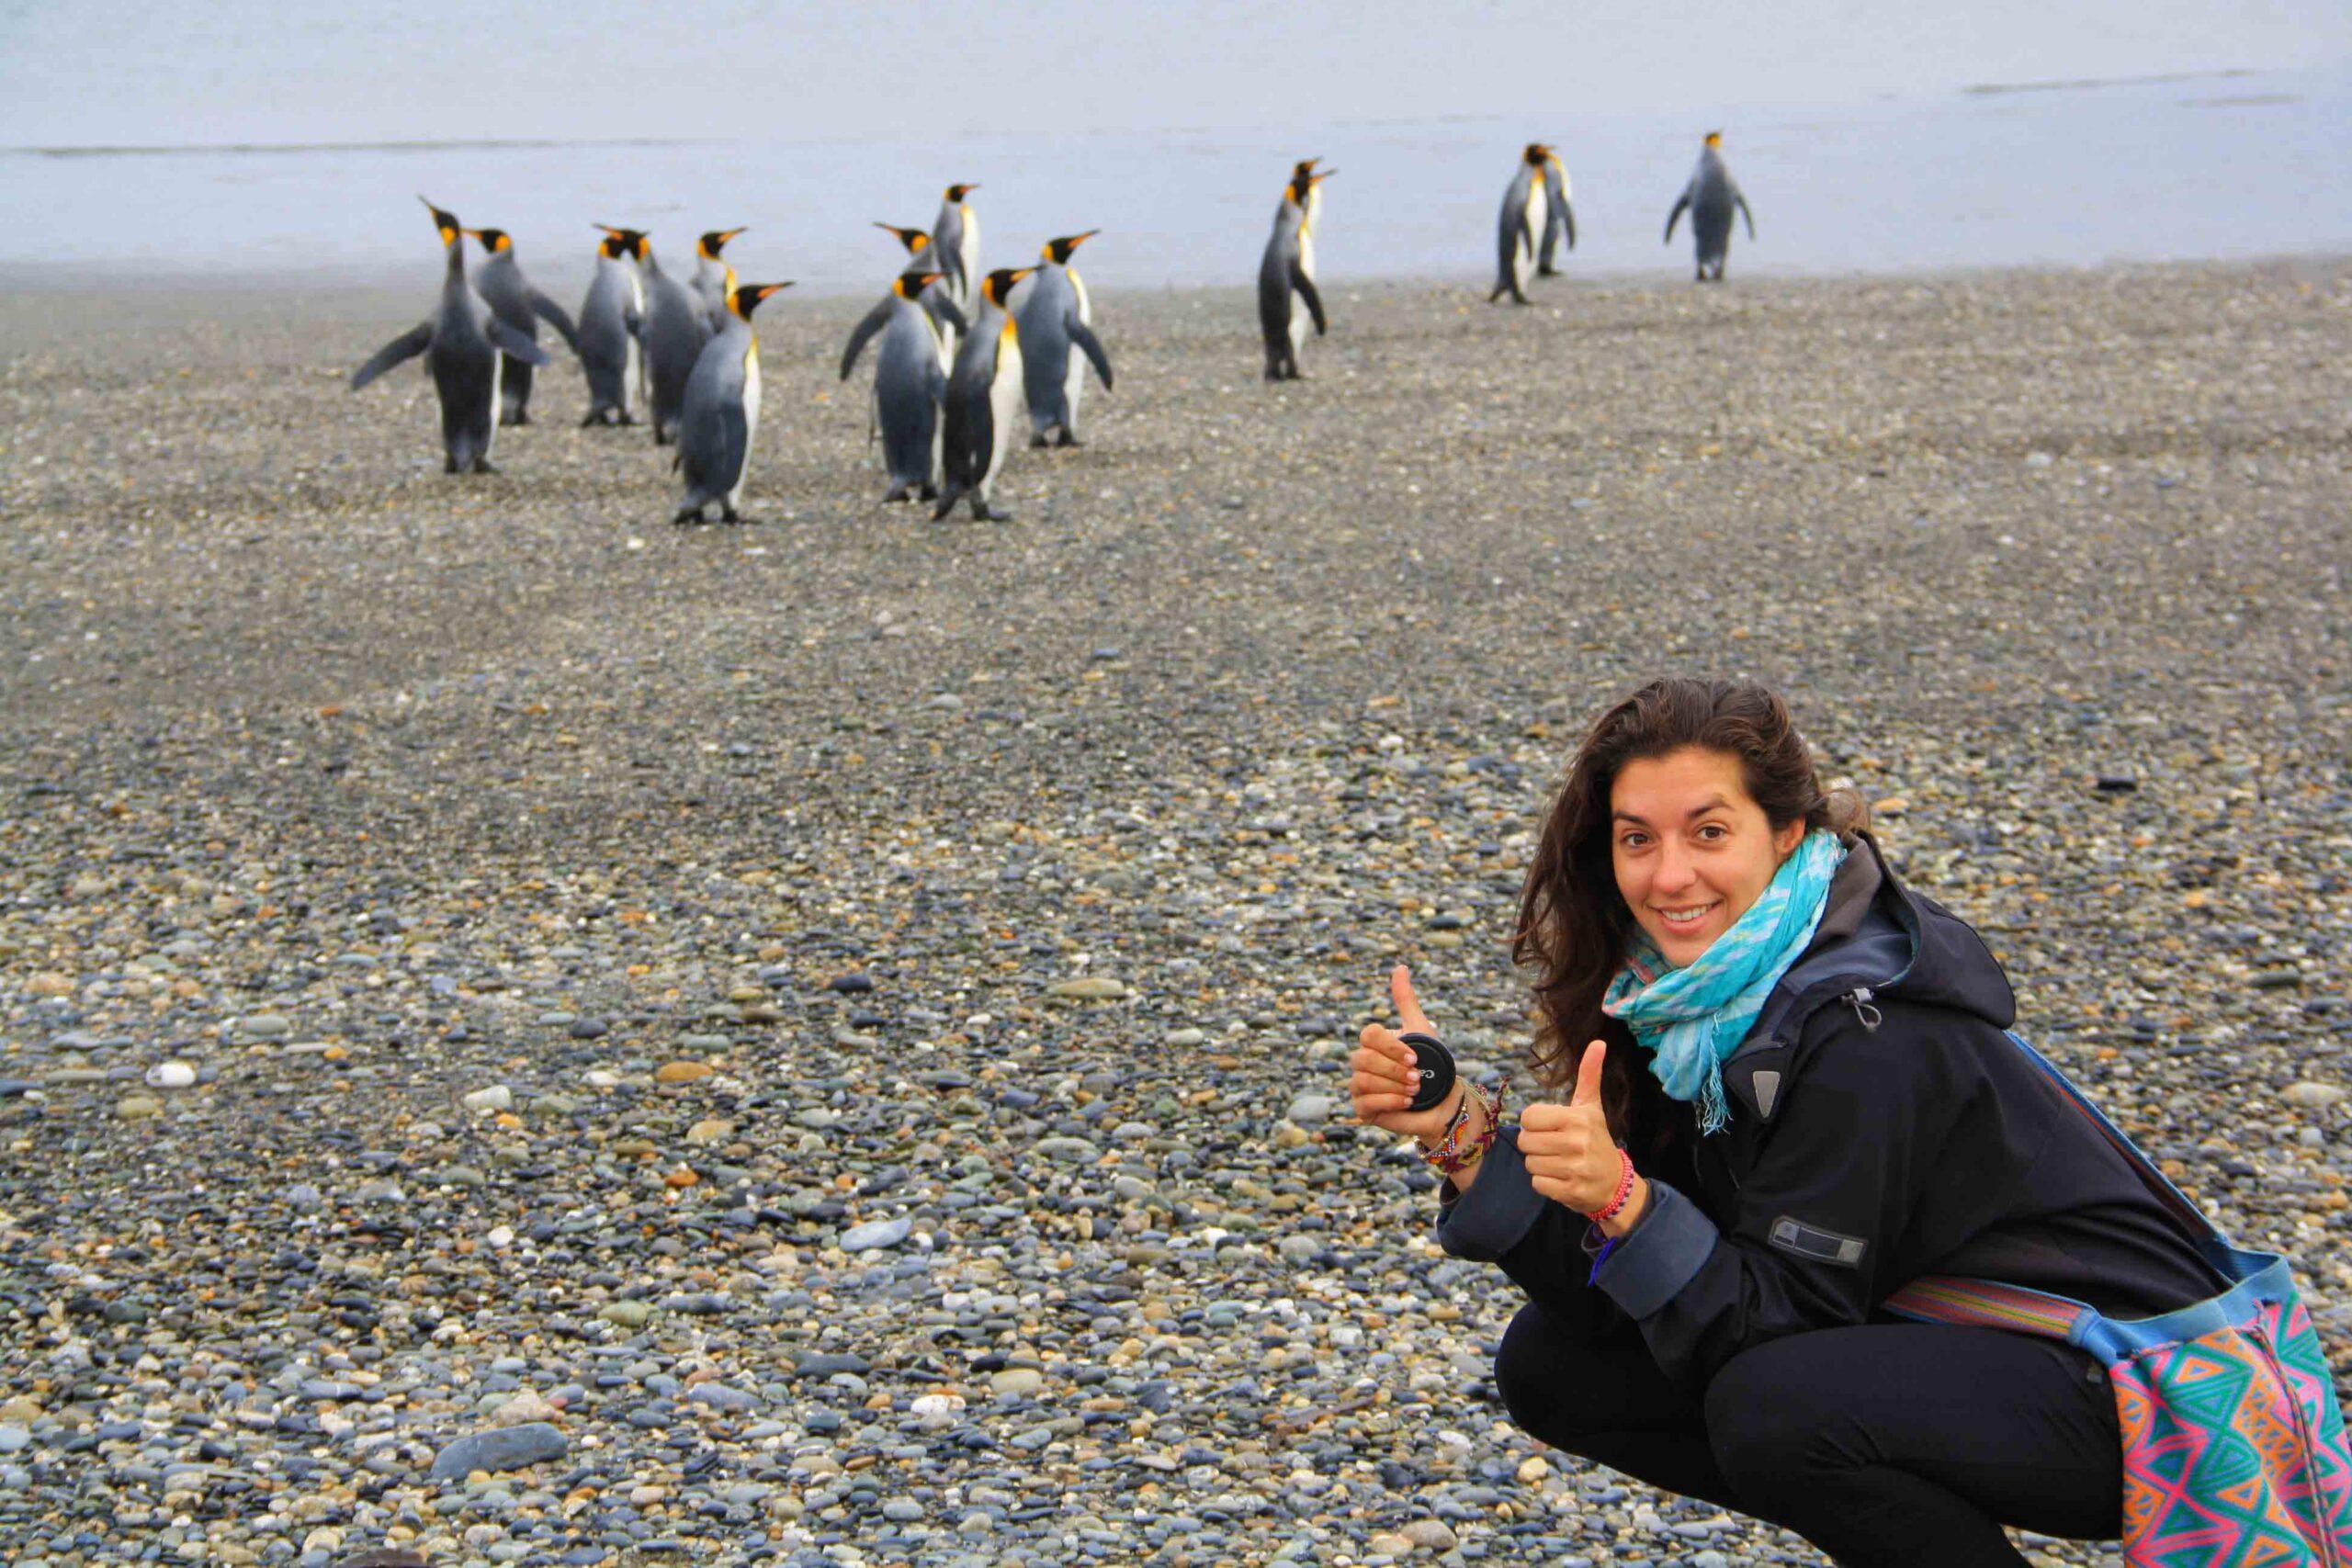 Pinguins at Porvenir Beach in Argentina